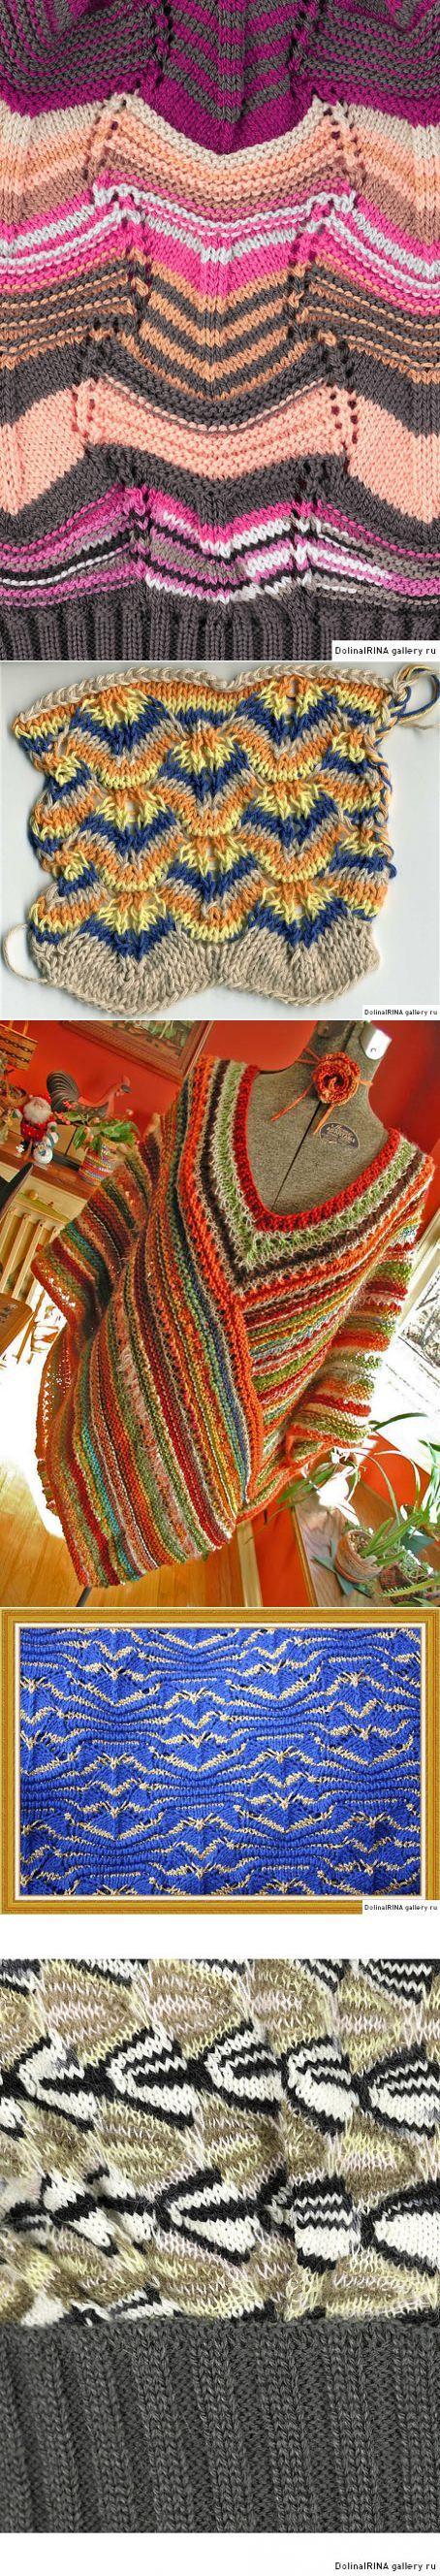 Миссони | 06 - Жаккард,Миссони,Многоцветные. | Постила